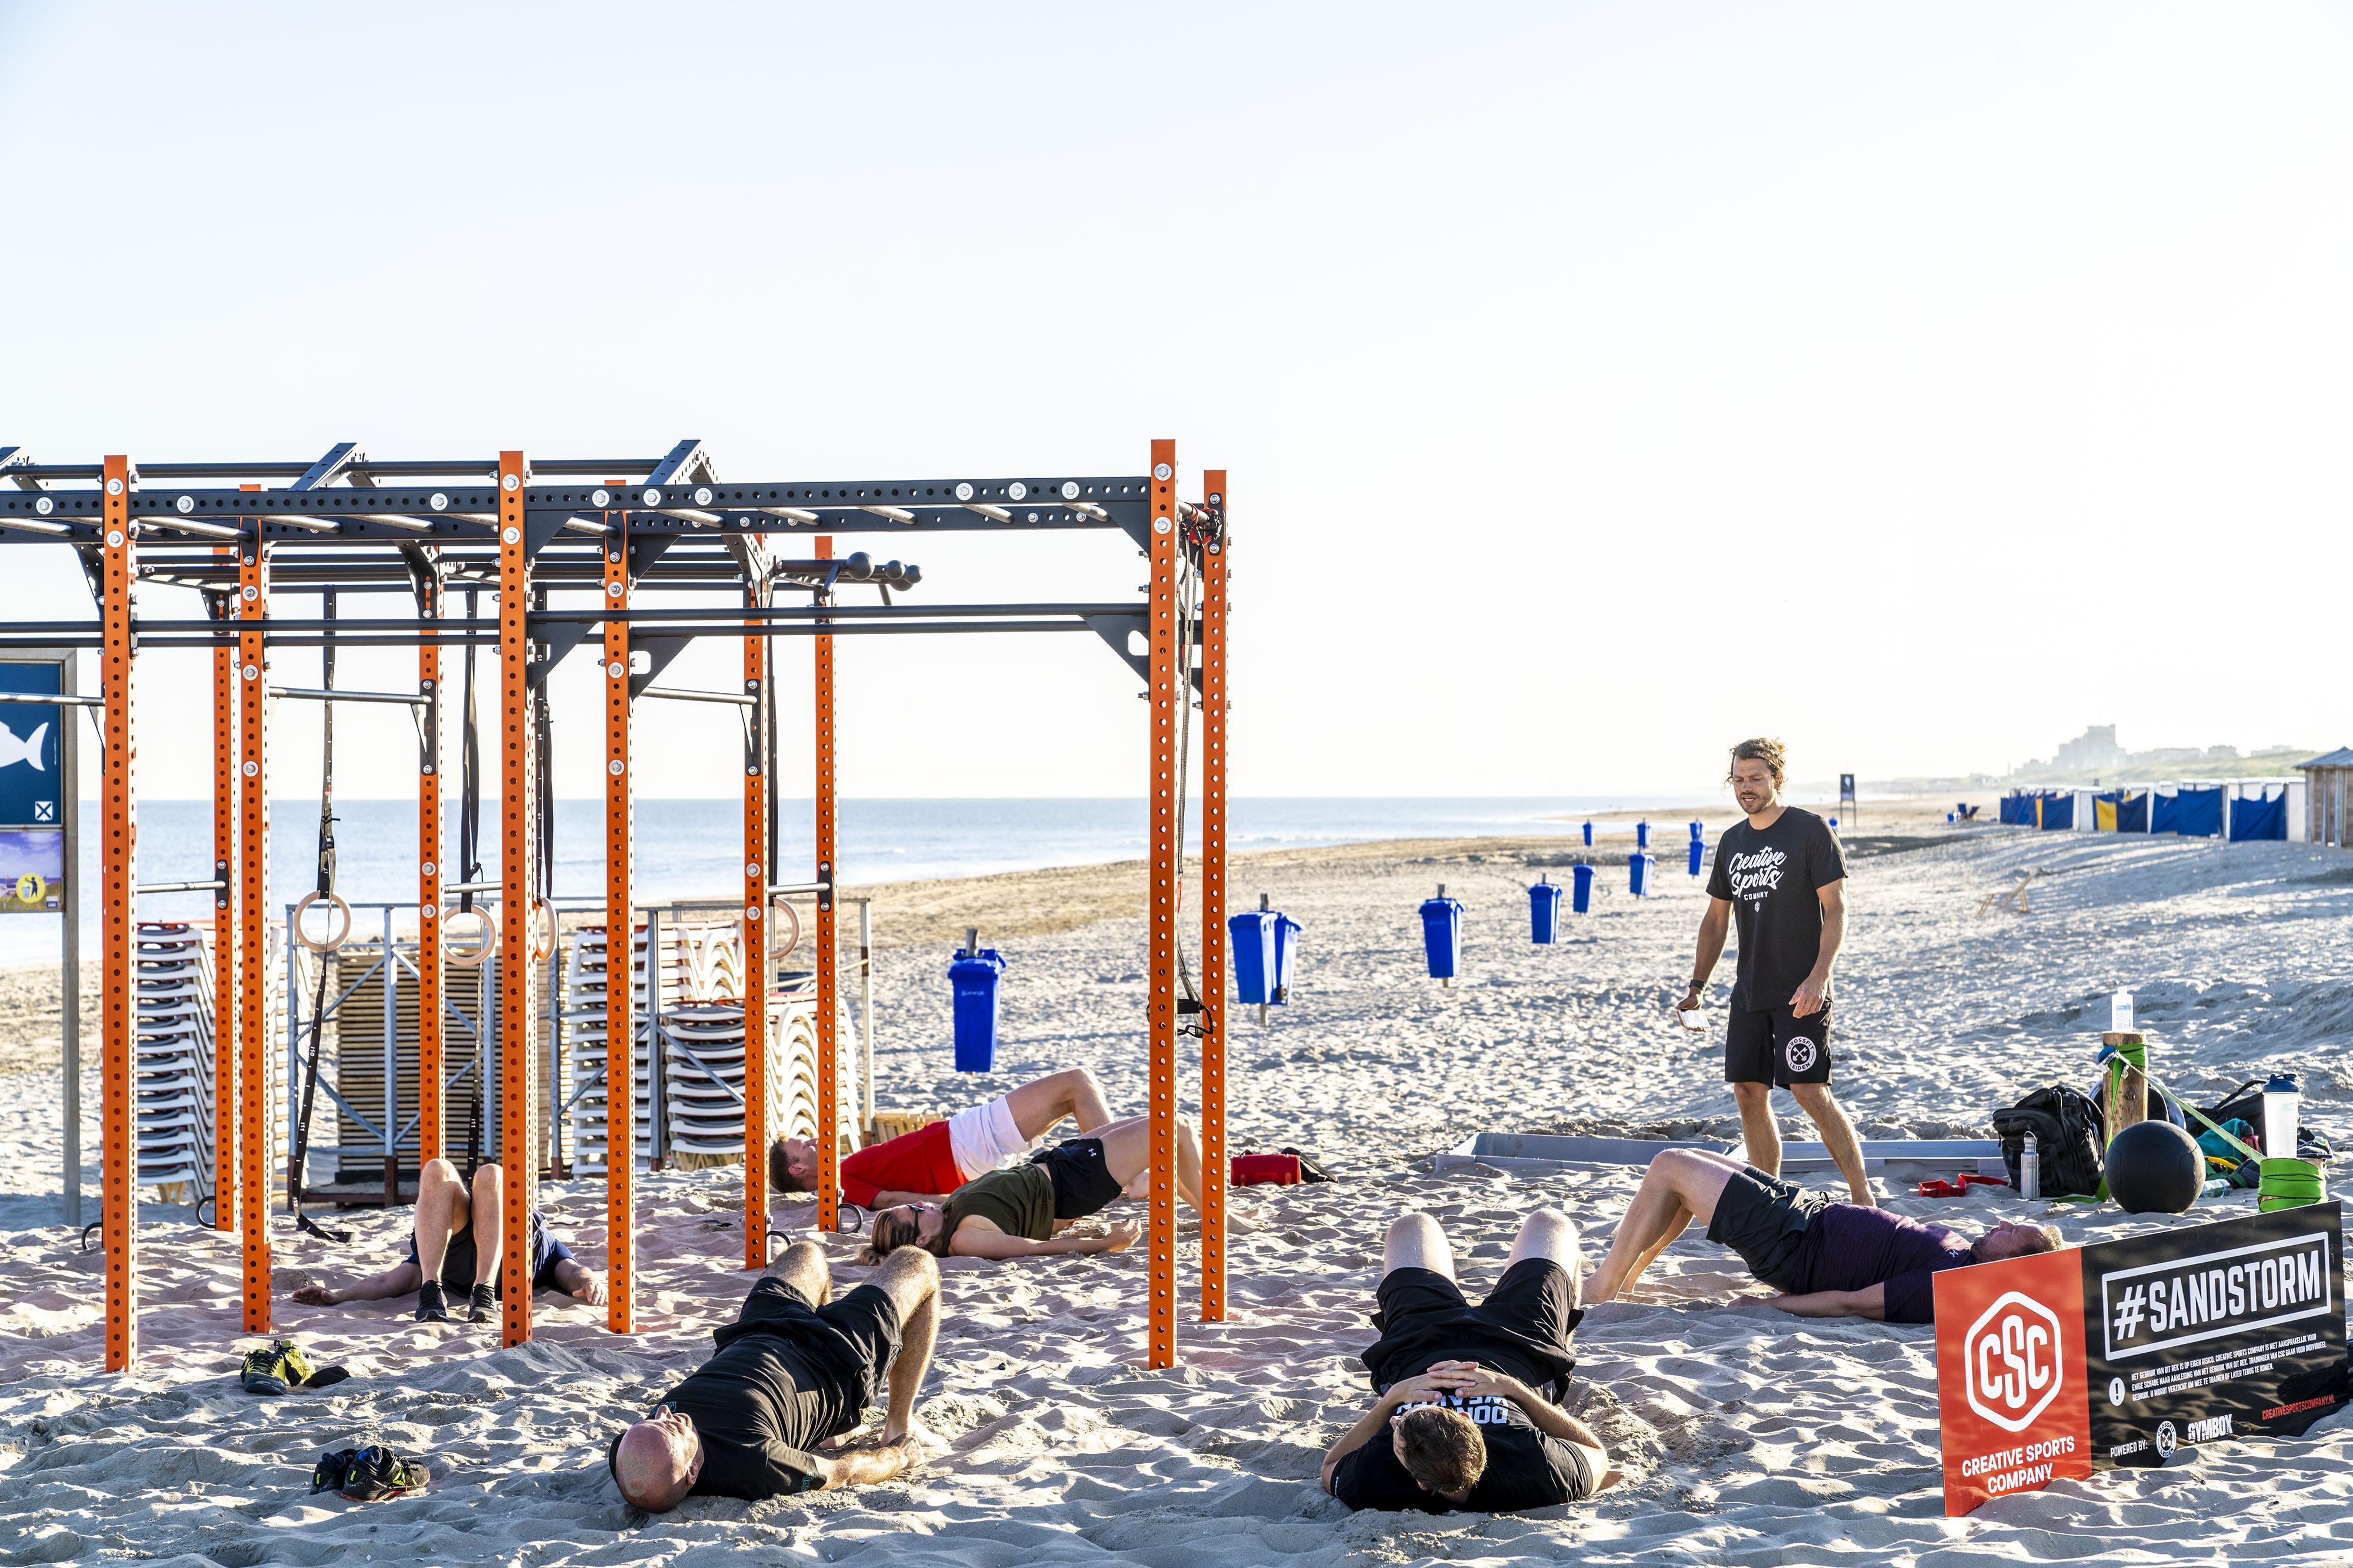 Sporten in Katwijk met een decor van zee en zand: 'Het geeft heel veel energie'